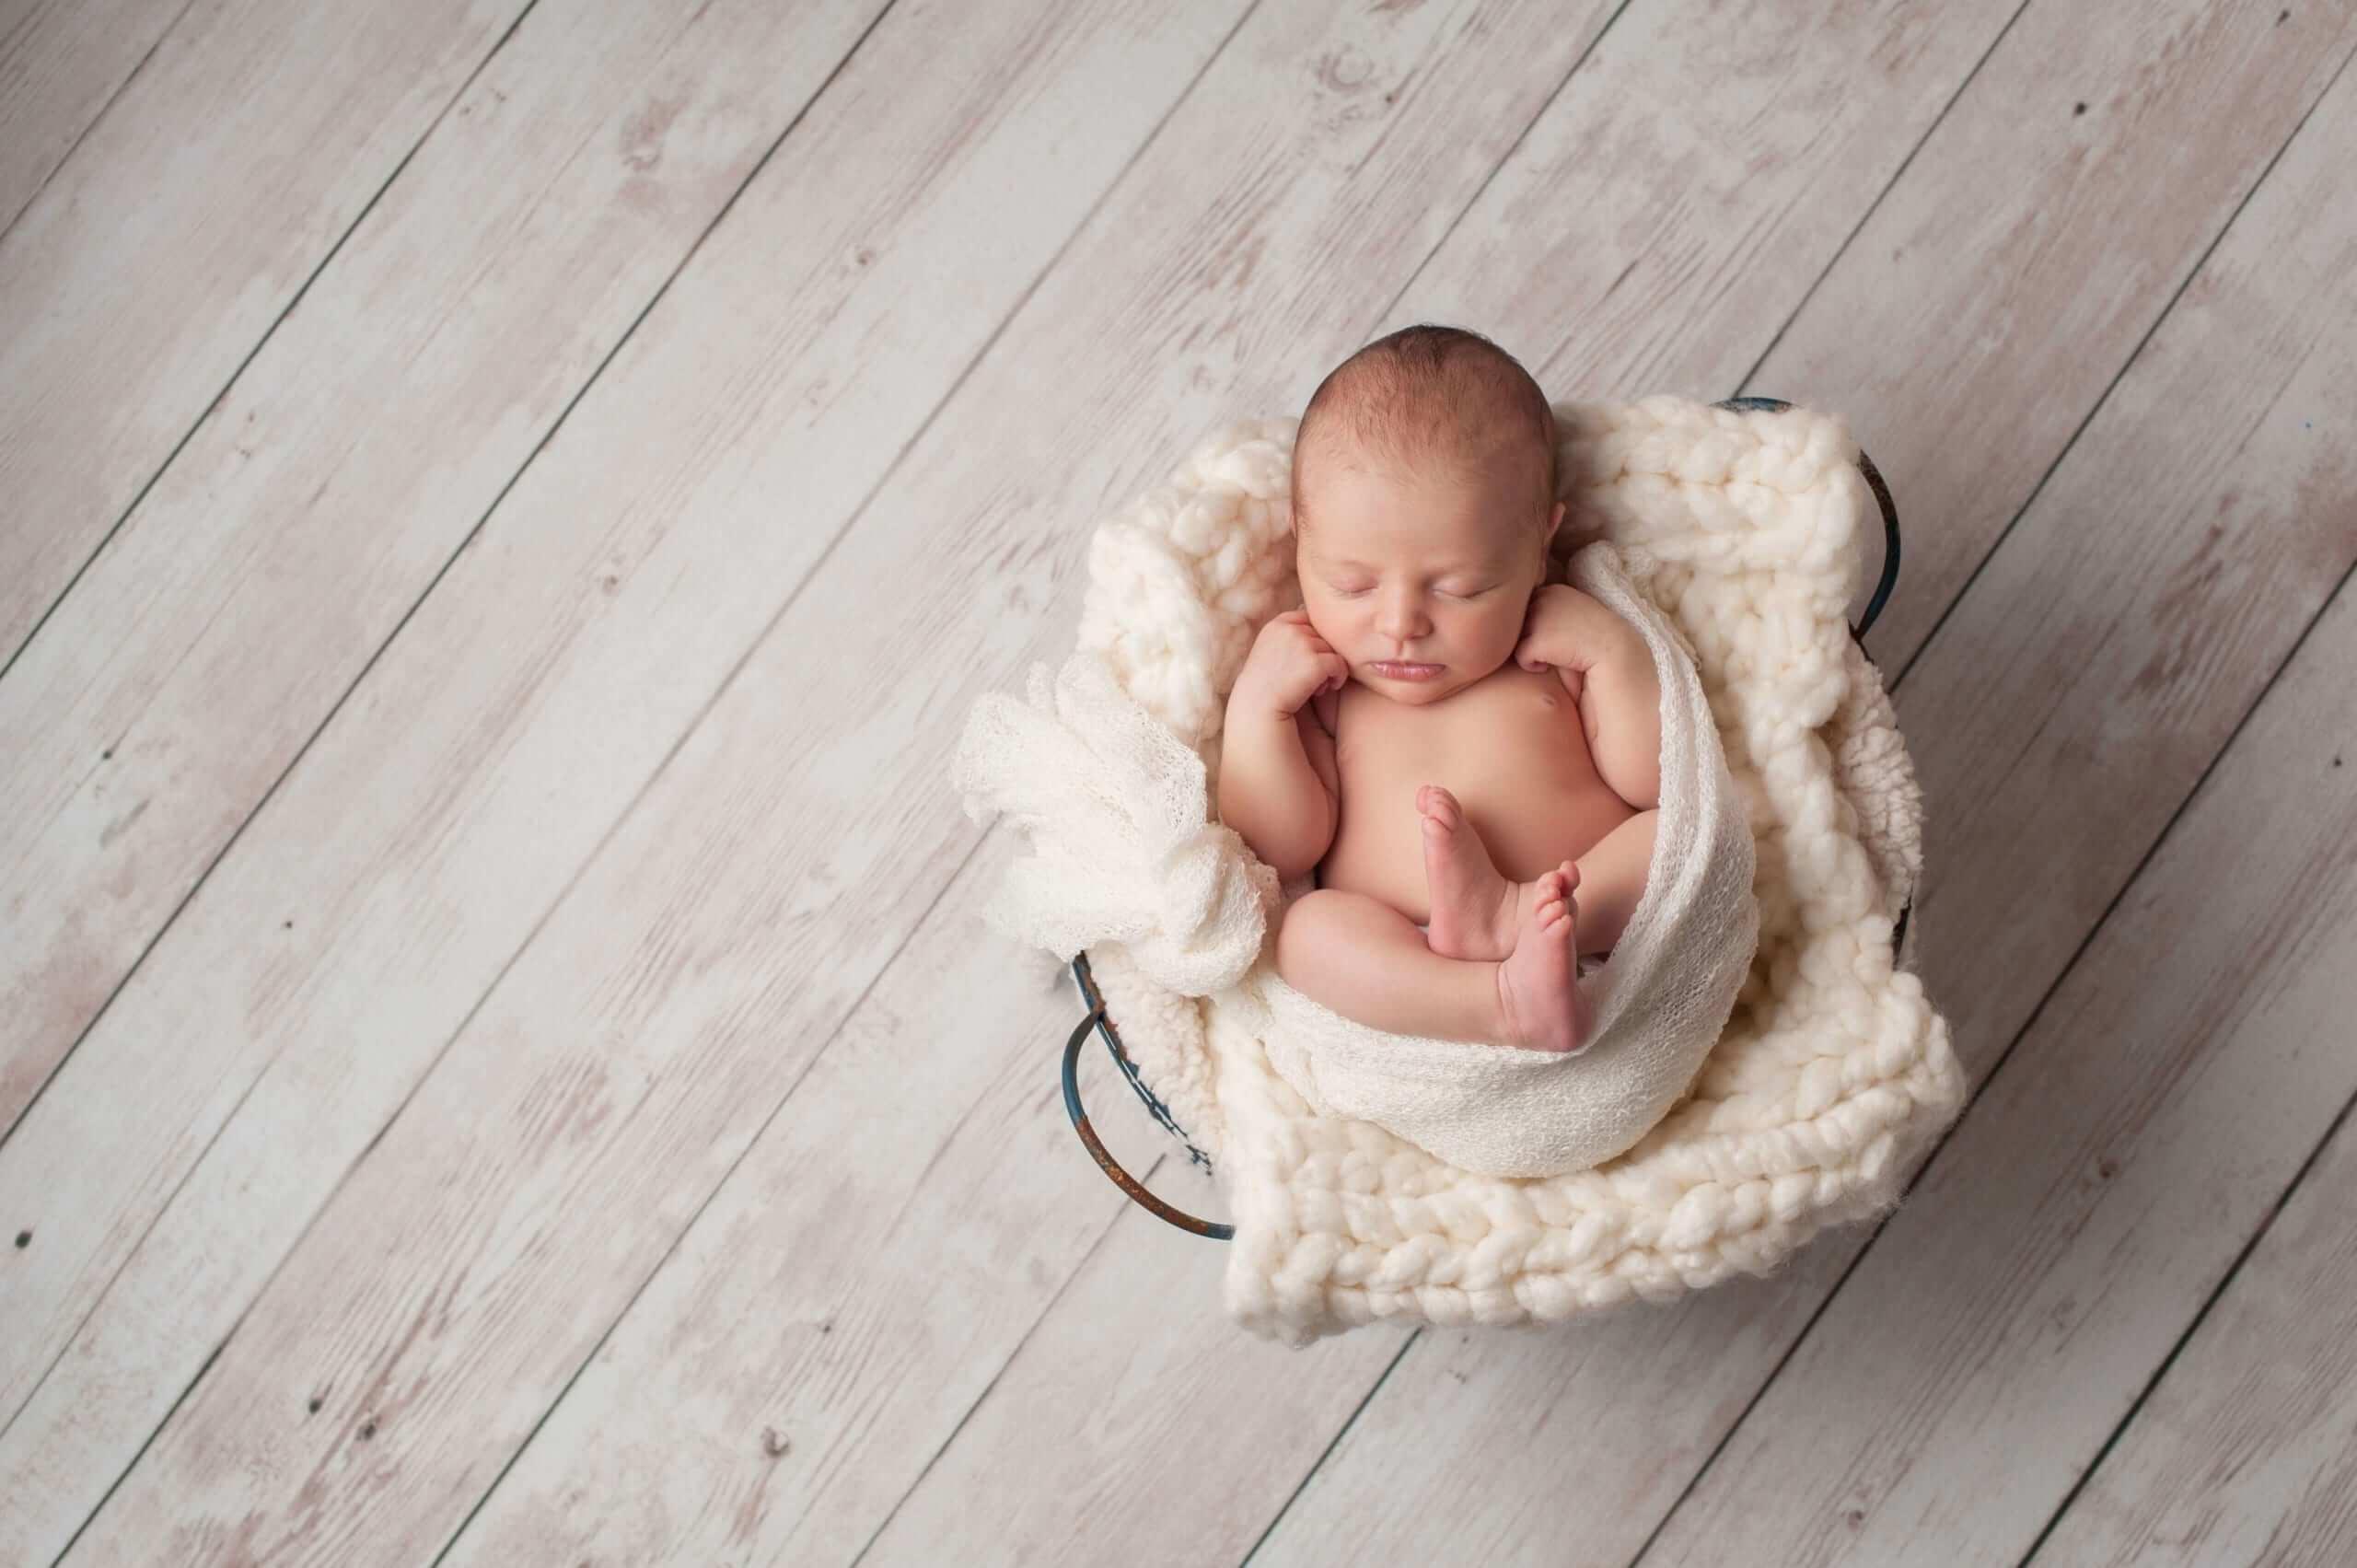 Yenidoğan Bebek Nasıl Yatırılmalı? yenidogan bebek nasil yatirilmali